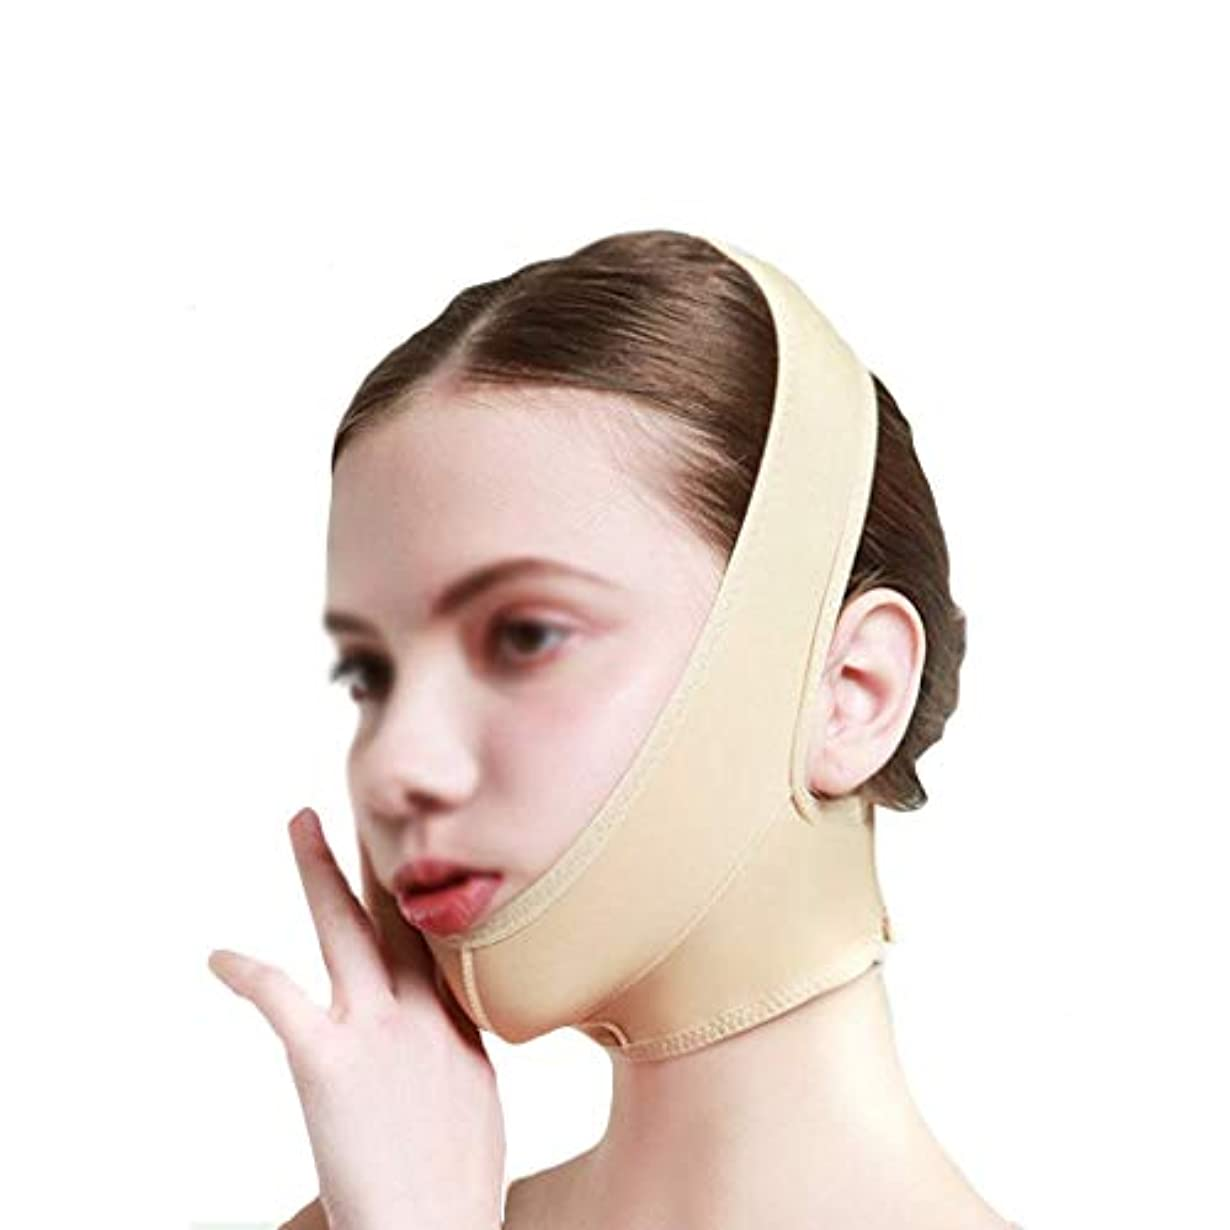 栄養爆発物聴衆ダブルチンリデューサー、フェイススリミングマスク、フェイスリフティング、ストレッチマスク、ダブルチン、浮腫緩和、ケアツール、通気性(サイズ:XL),M